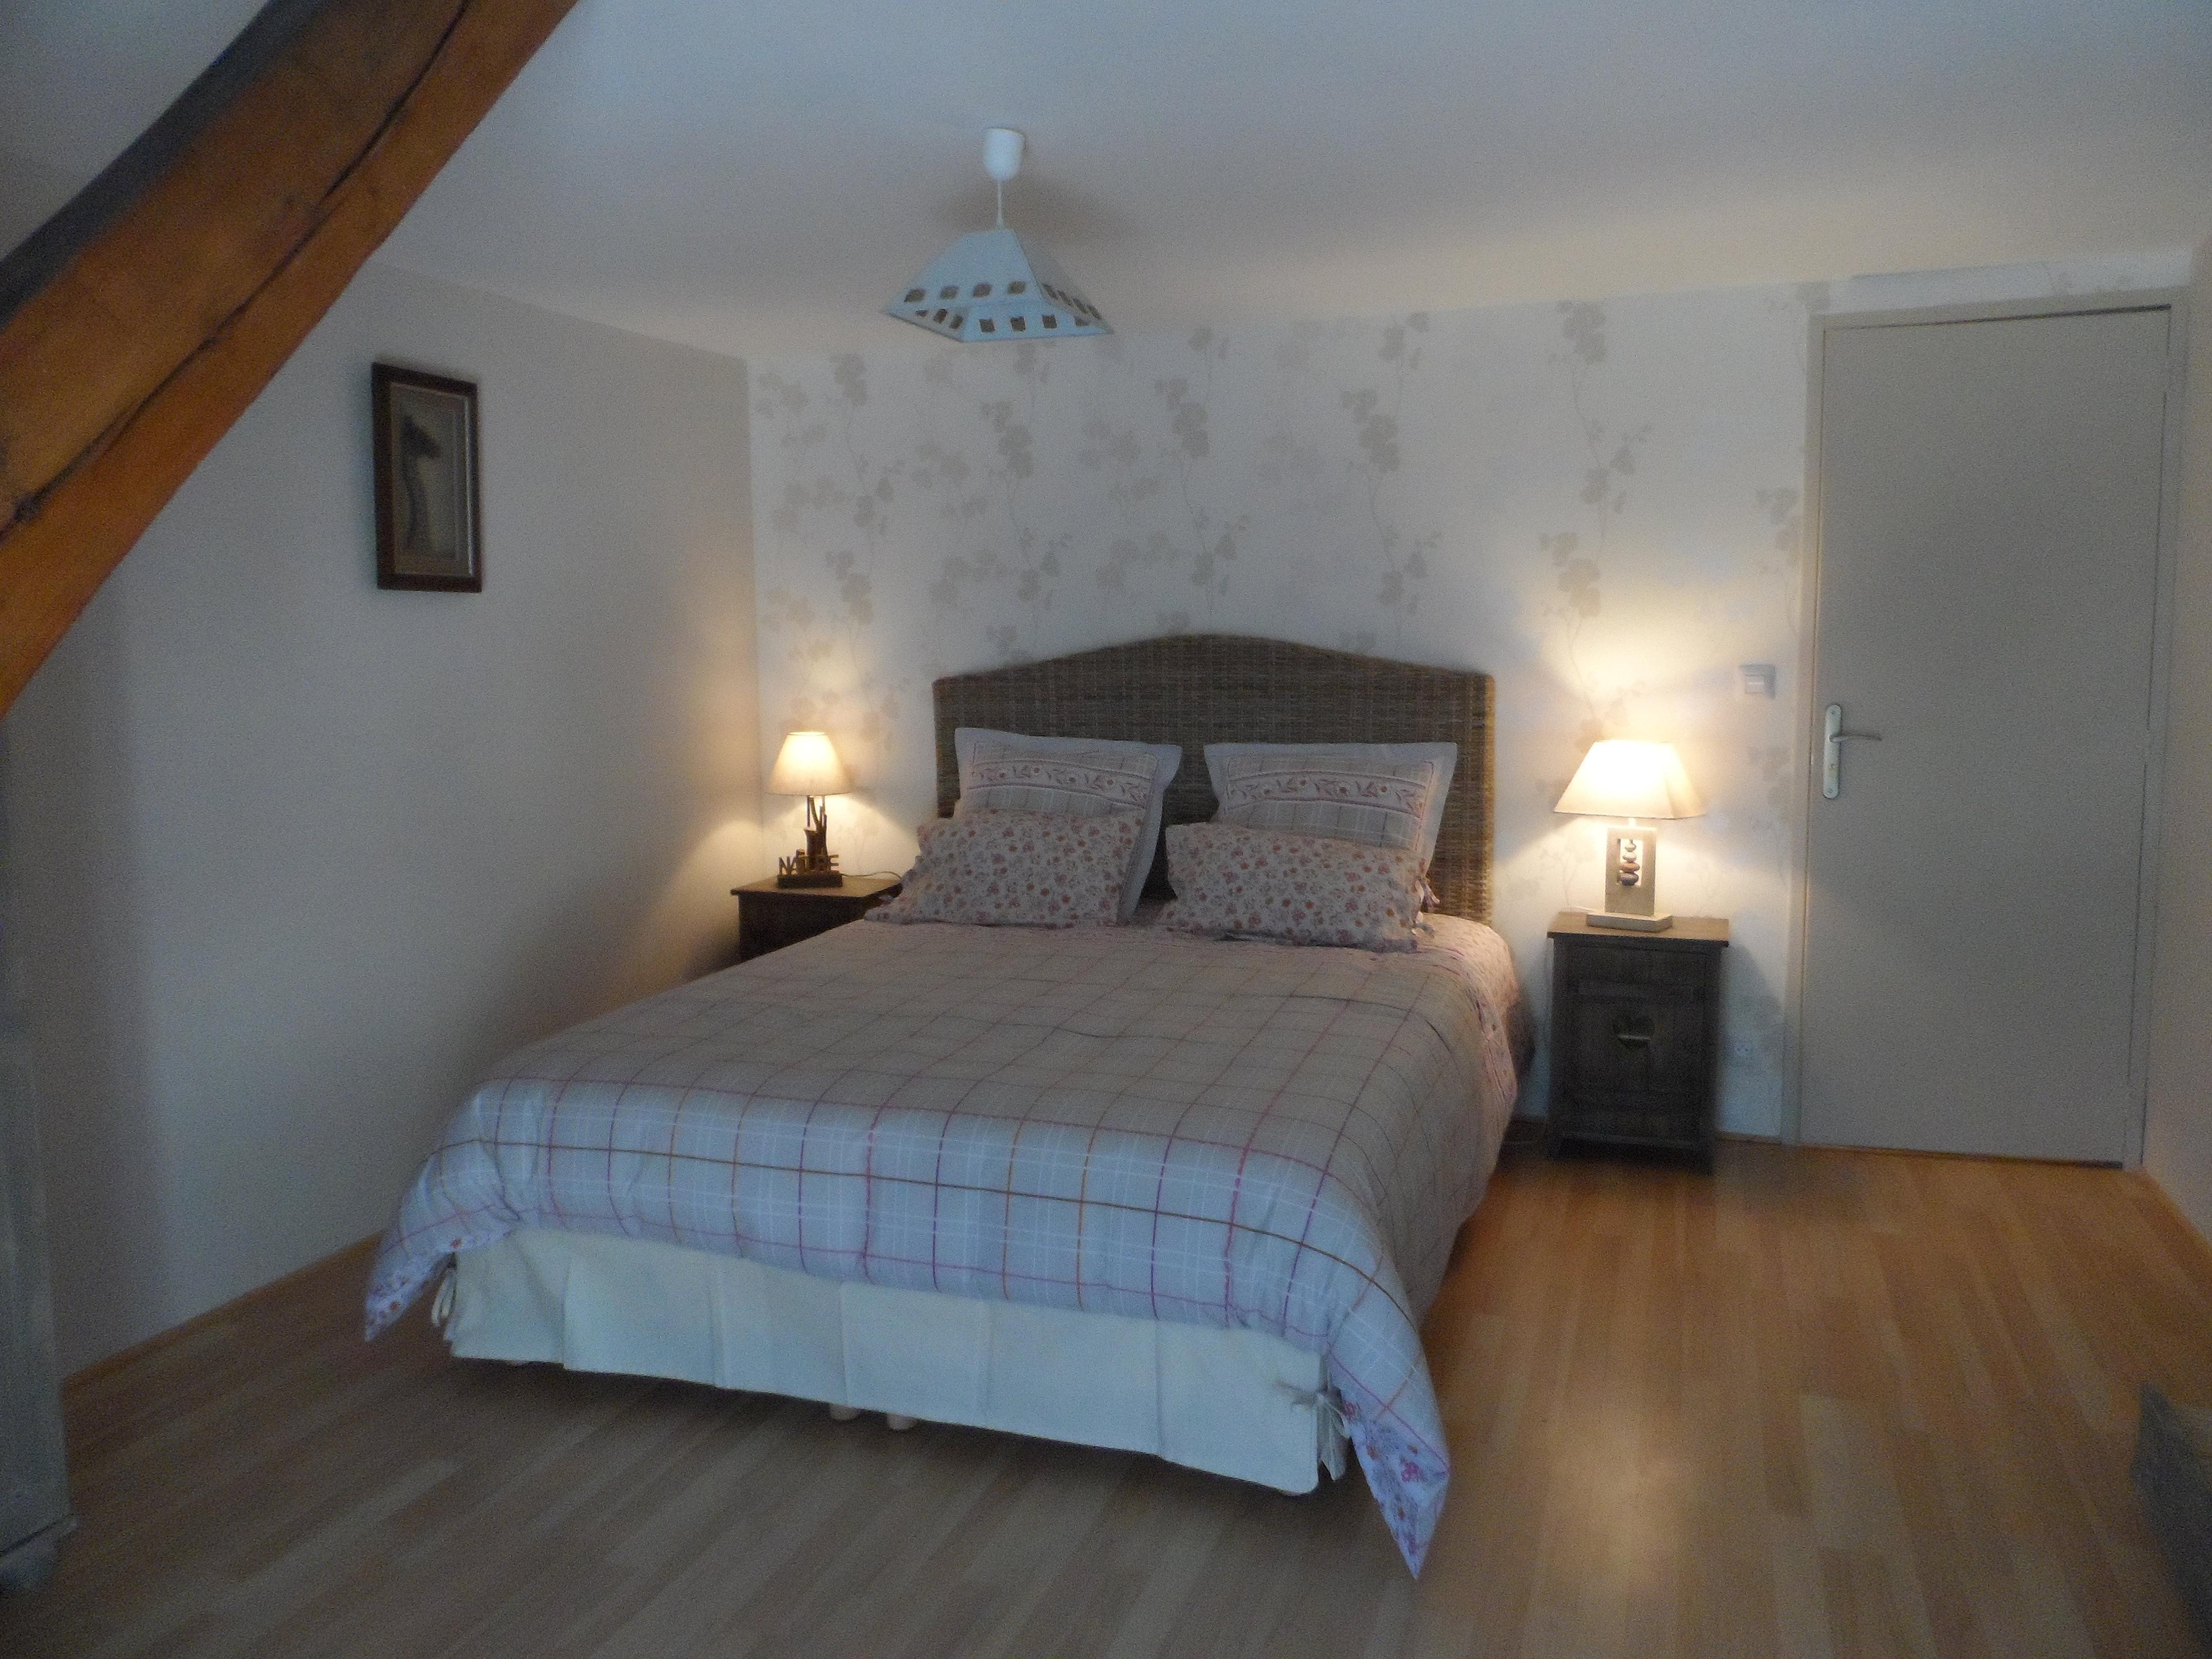 chambres d 39 h tes entre le zoo beauval et les ch teaux de la loire chambre beauval lit queen size. Black Bedroom Furniture Sets. Home Design Ideas